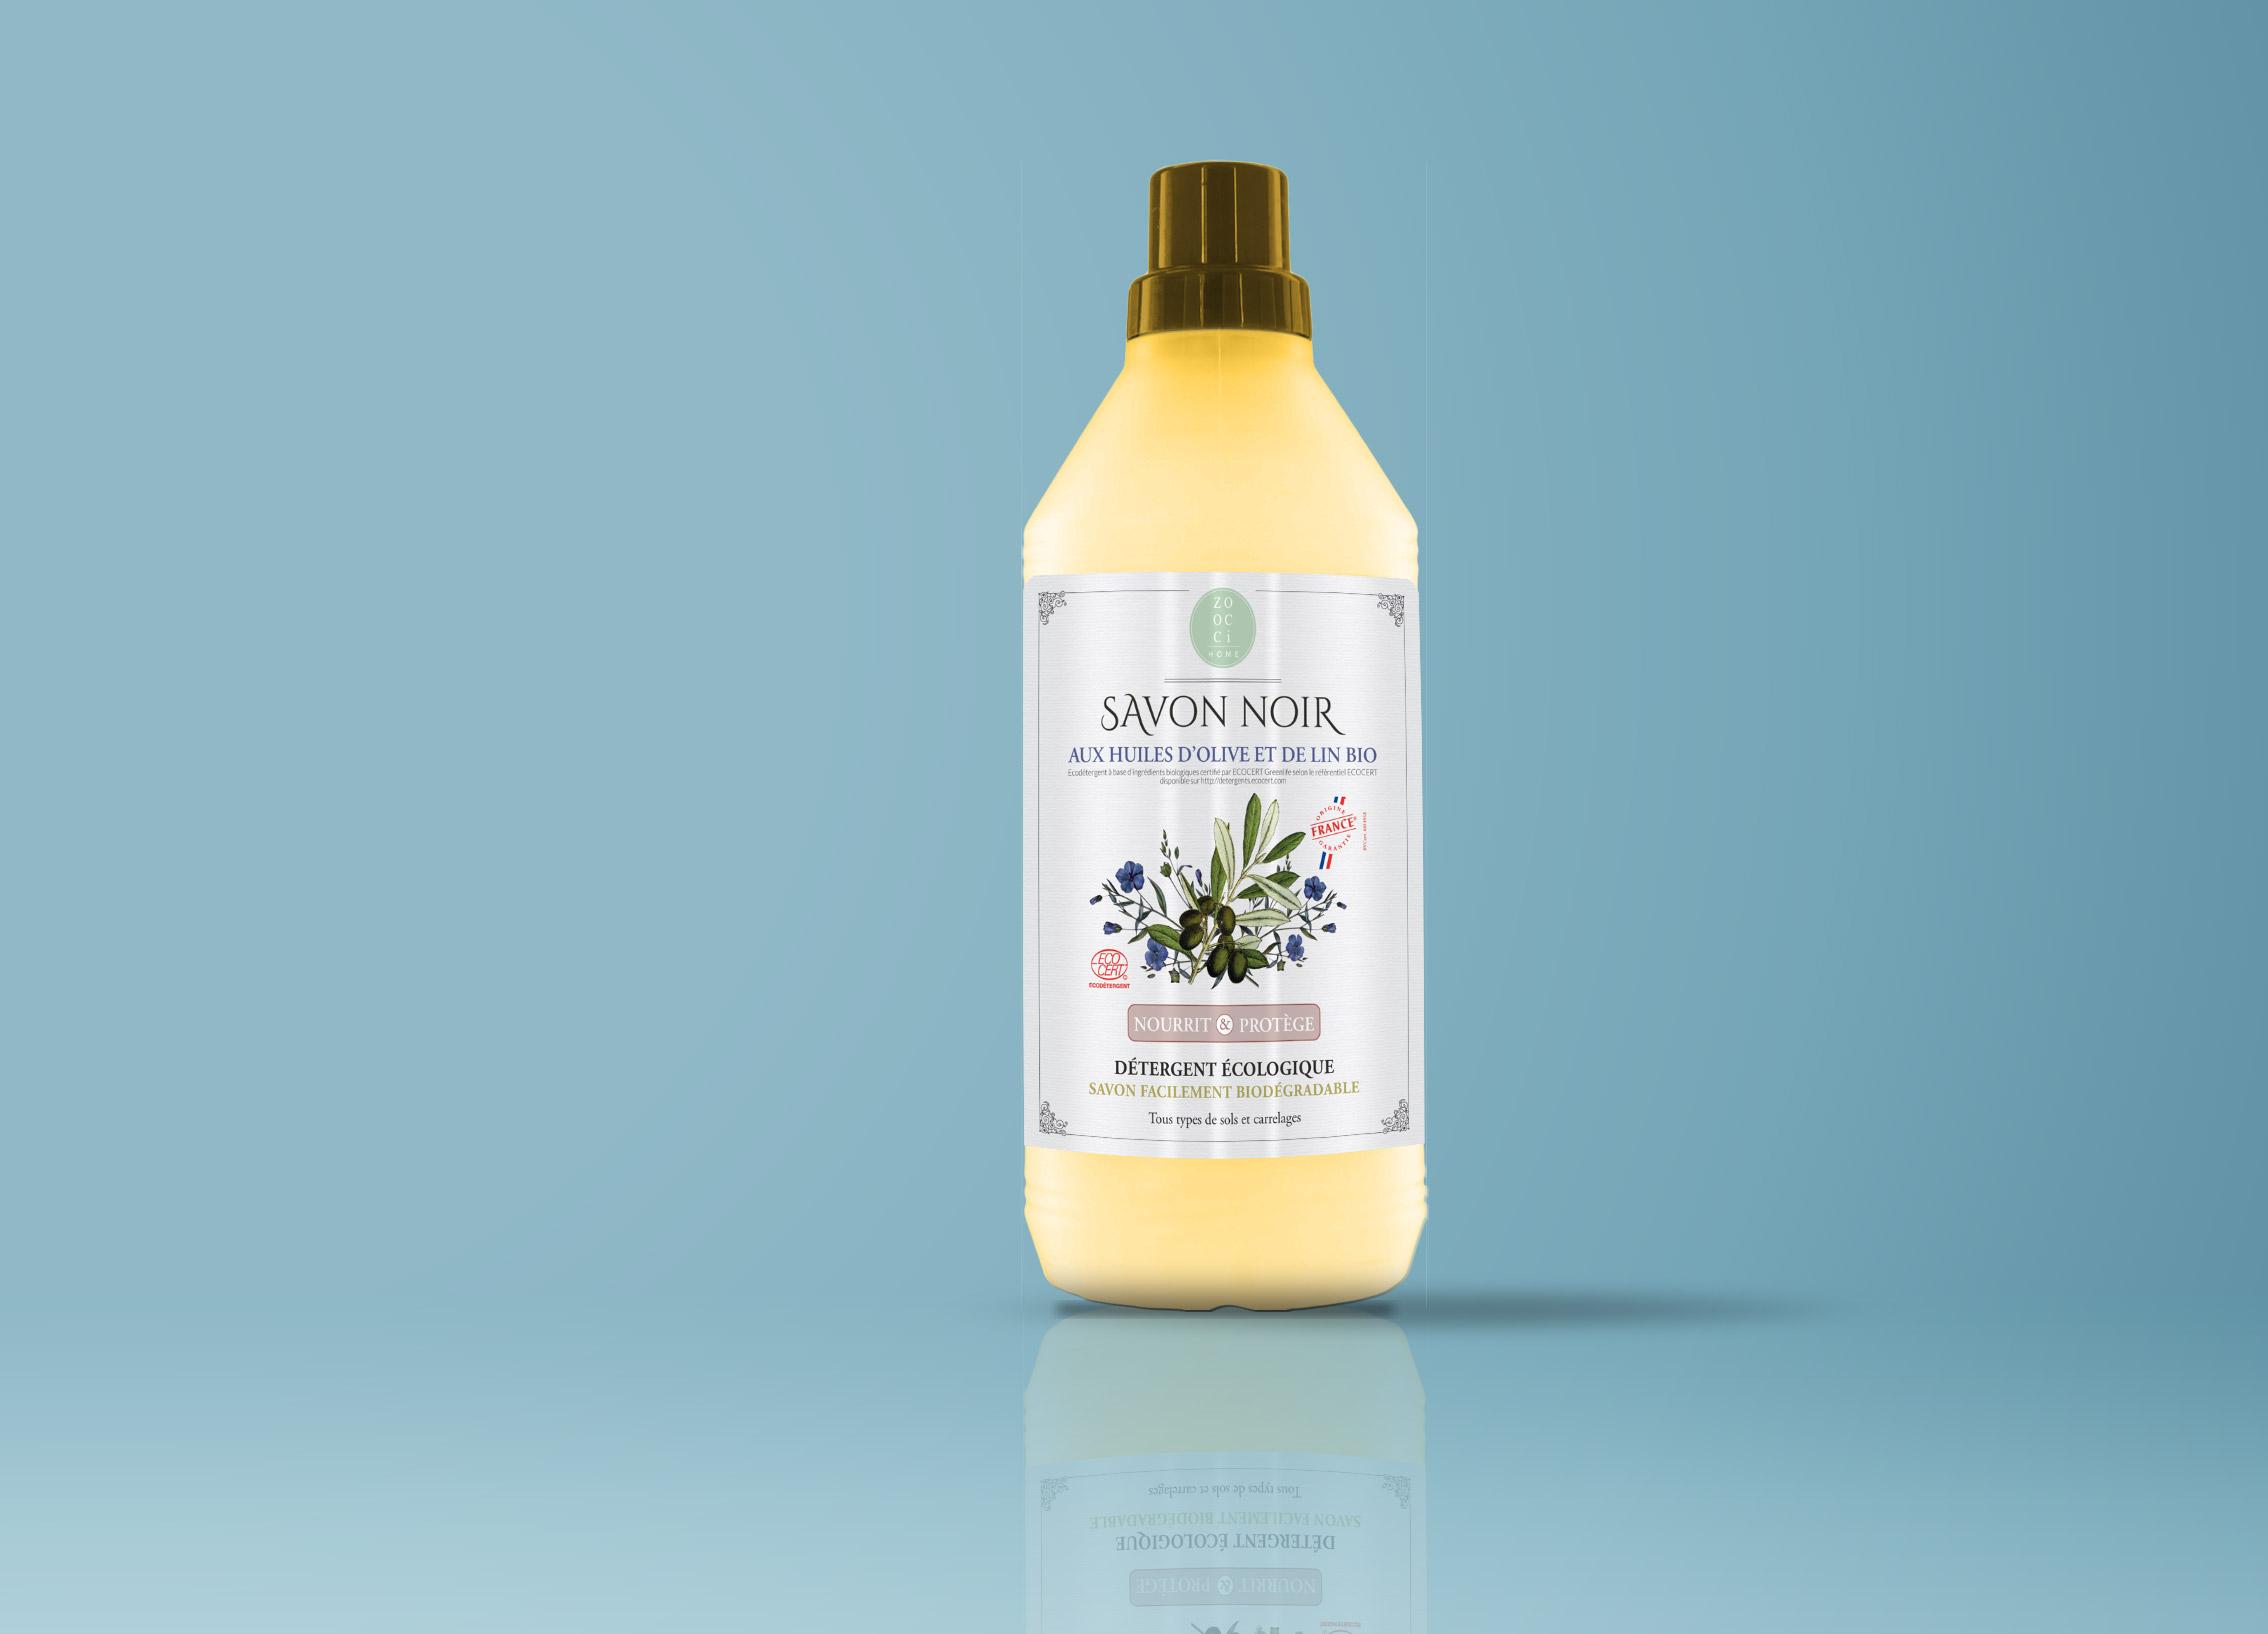 zoocci | savon noir etiquette